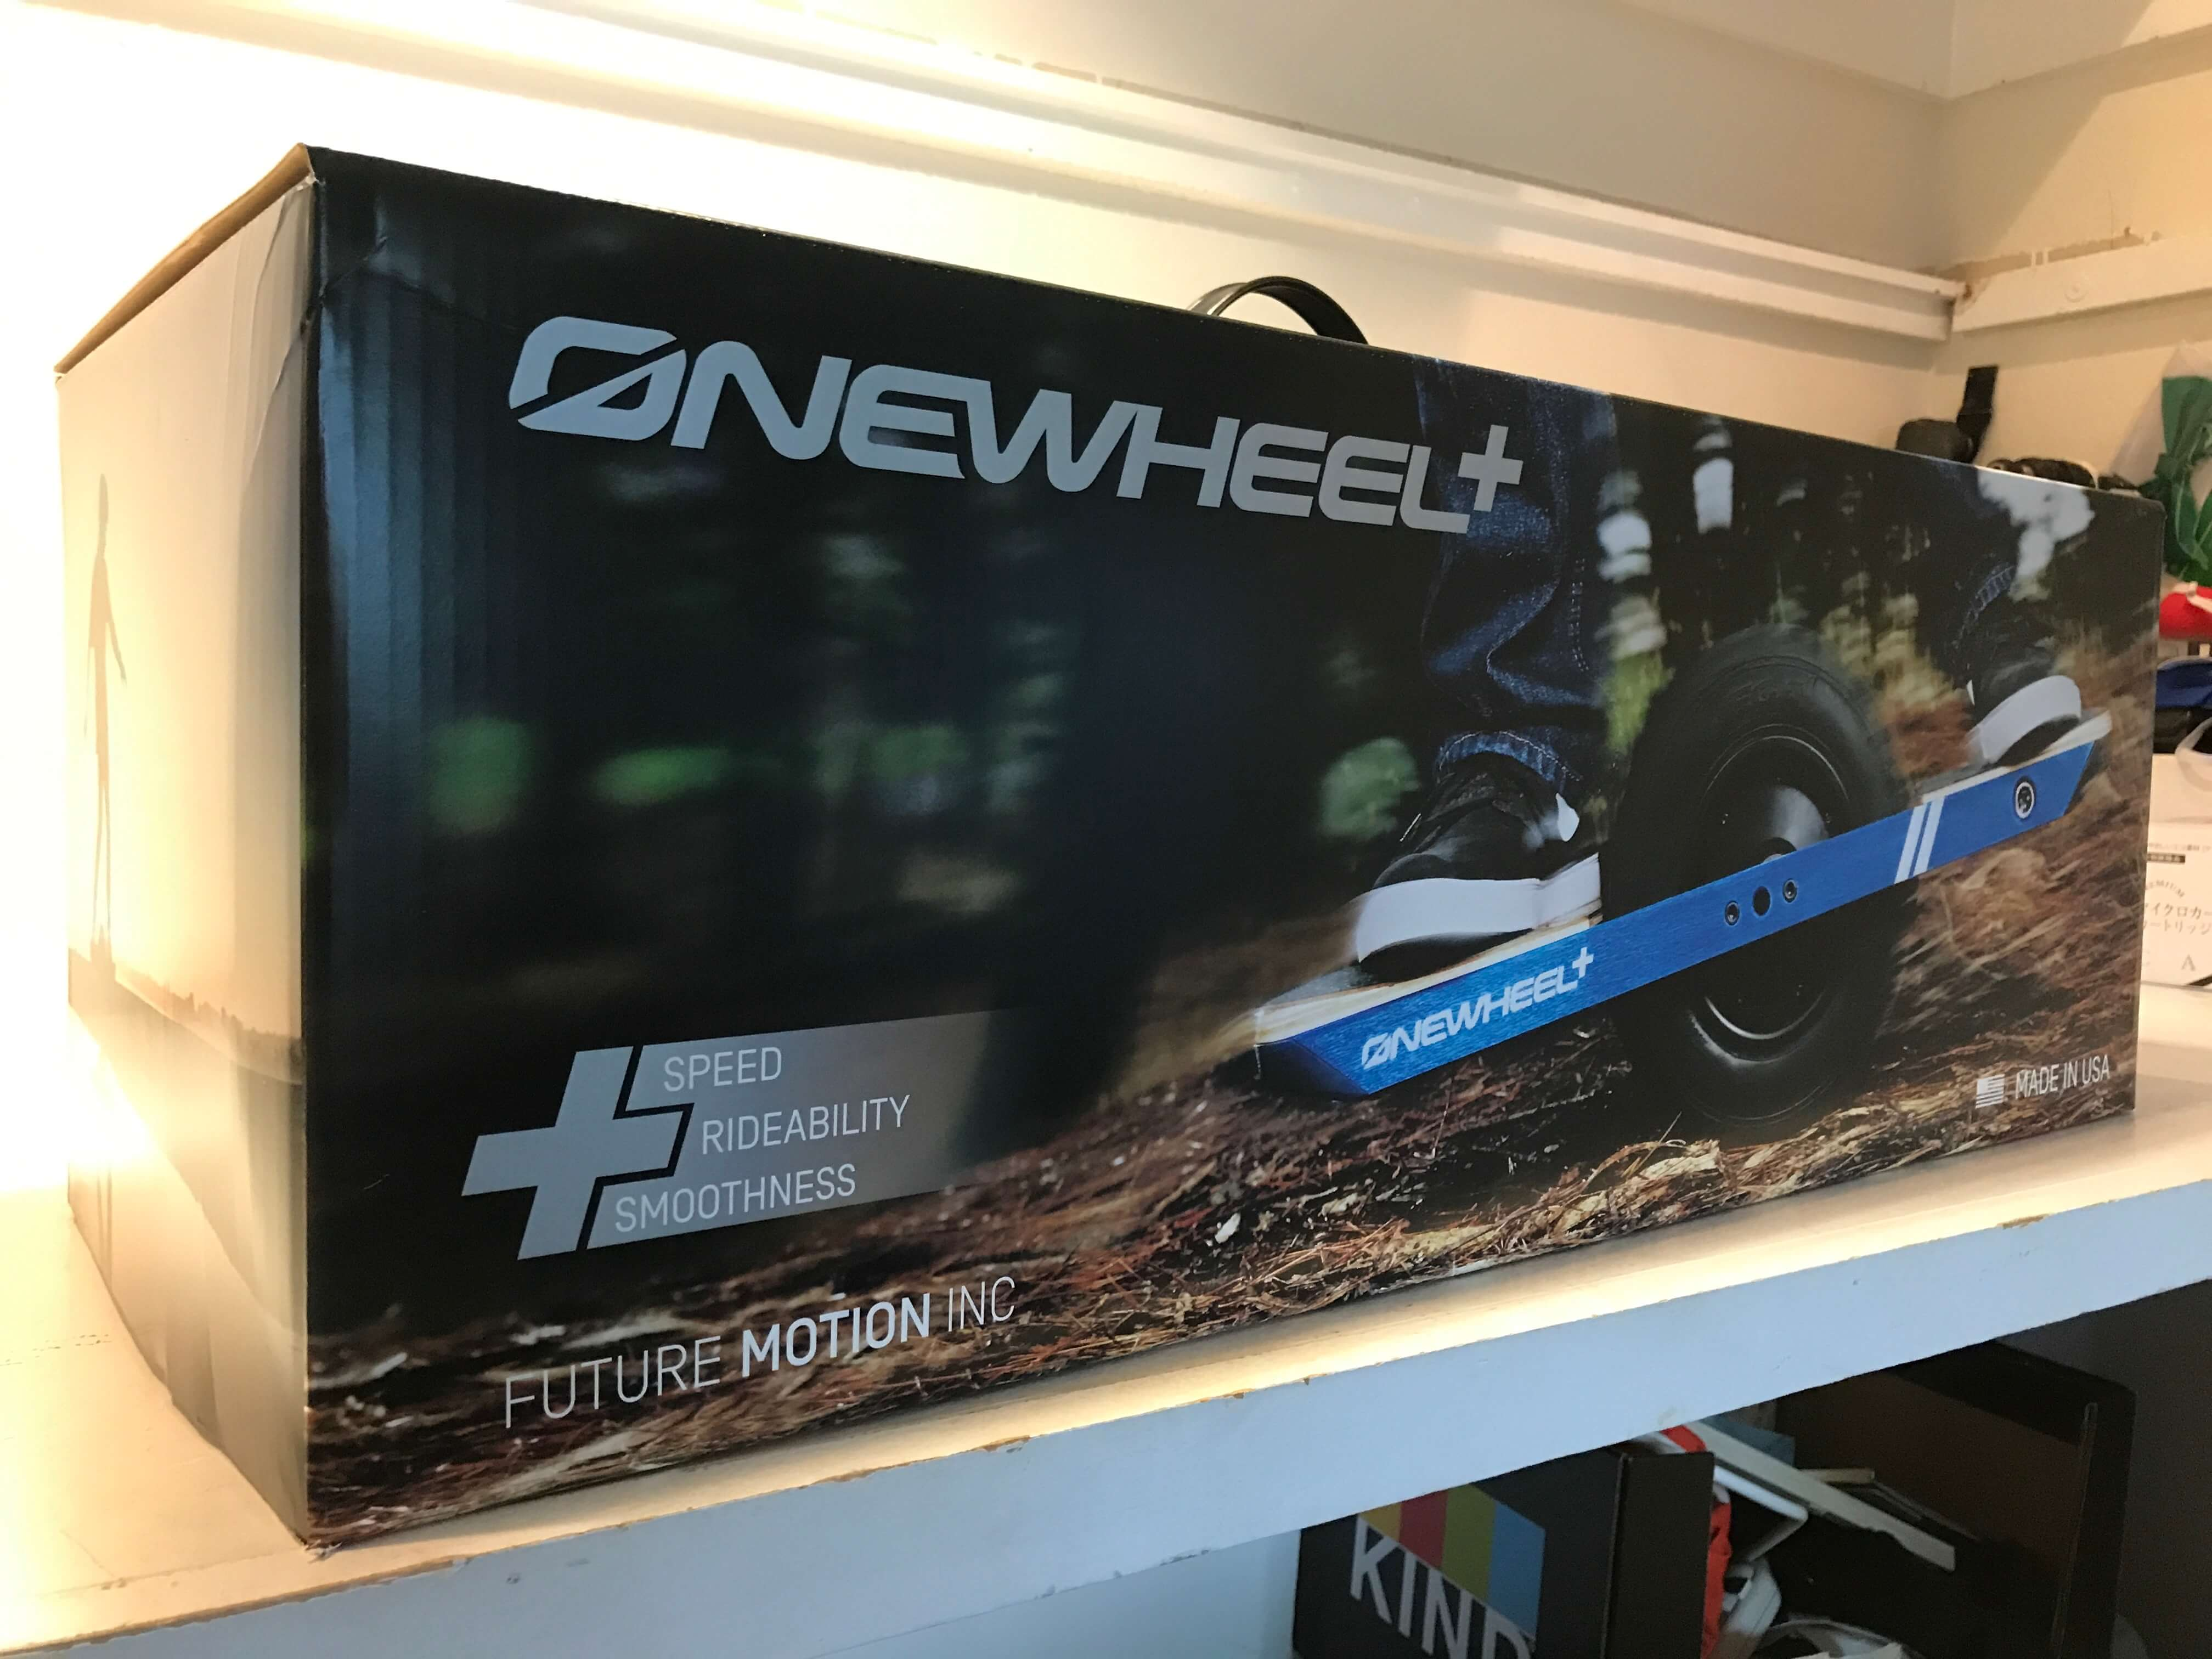 ハワイで大家:ついに来たOnewheel+